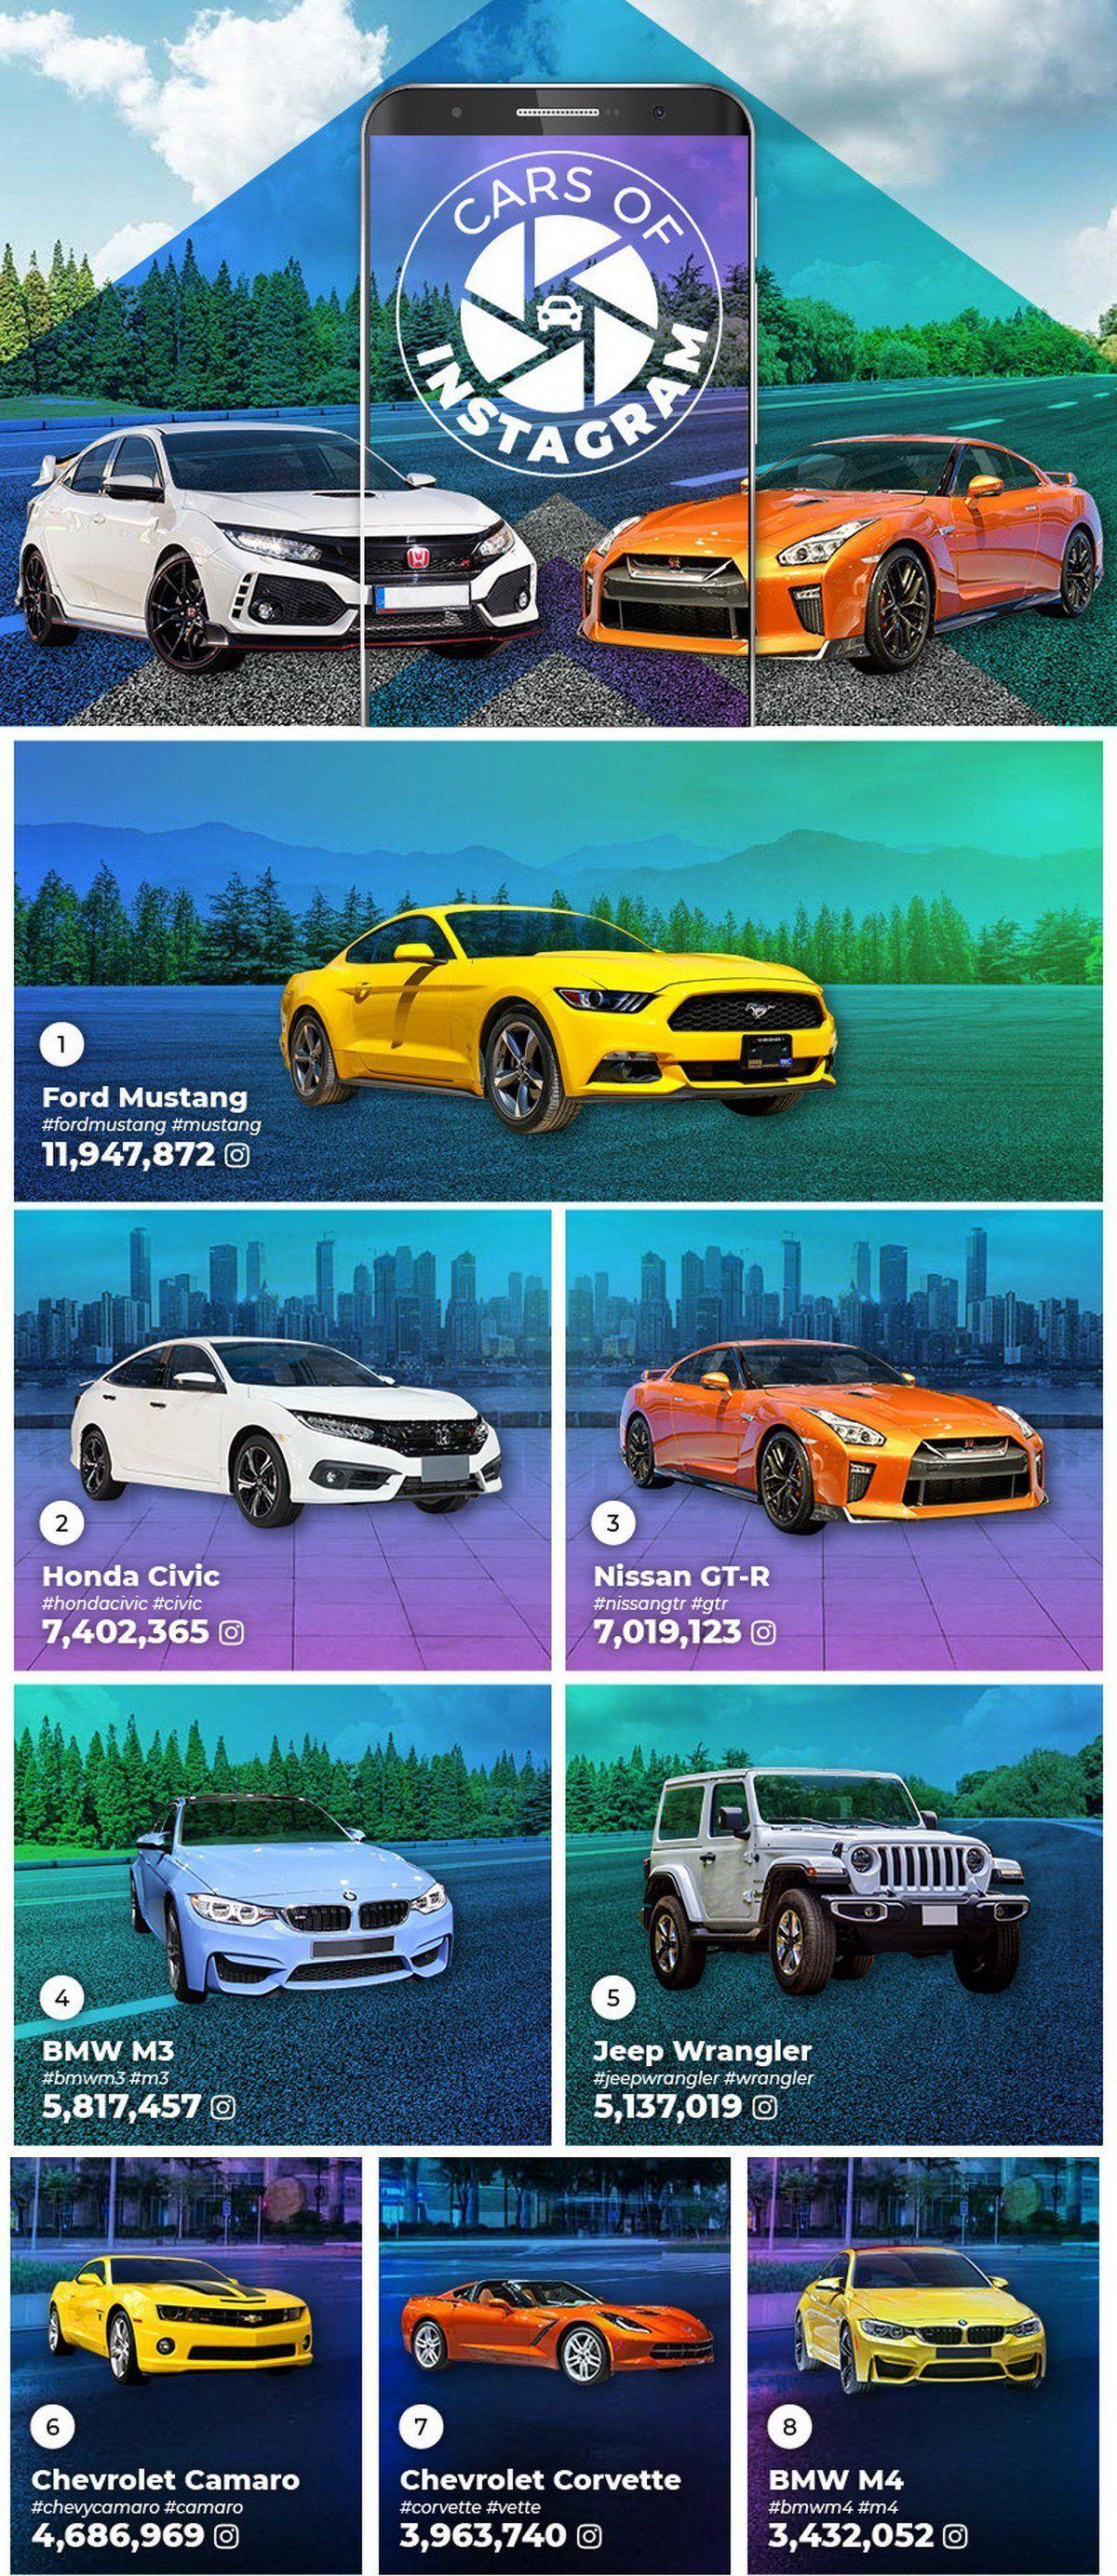 Najpopularniejsze samochody na Instagramie, źródło: Veygo